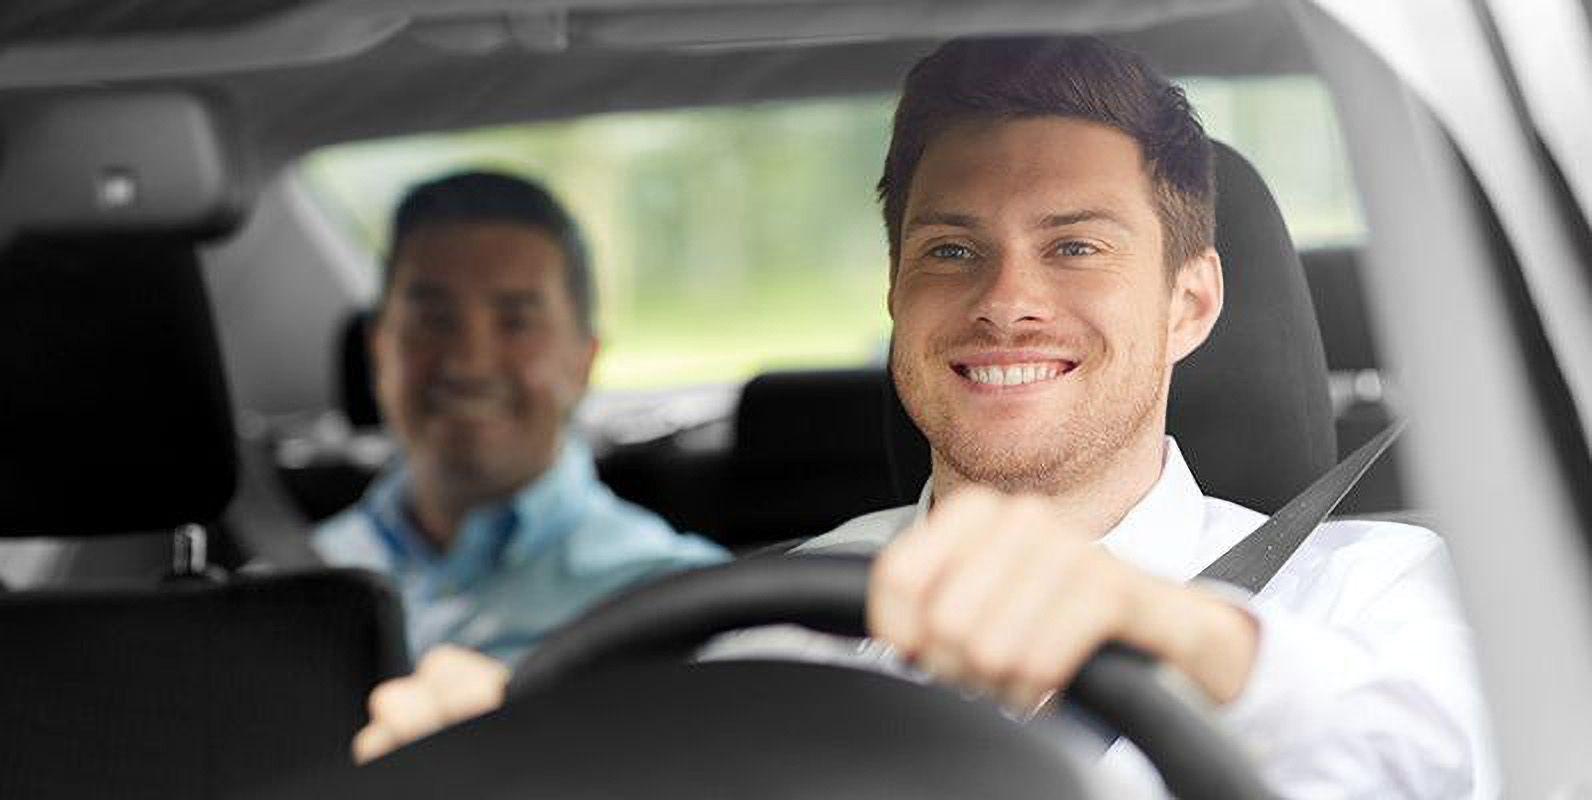 راننده و مسافر درون تاکسی